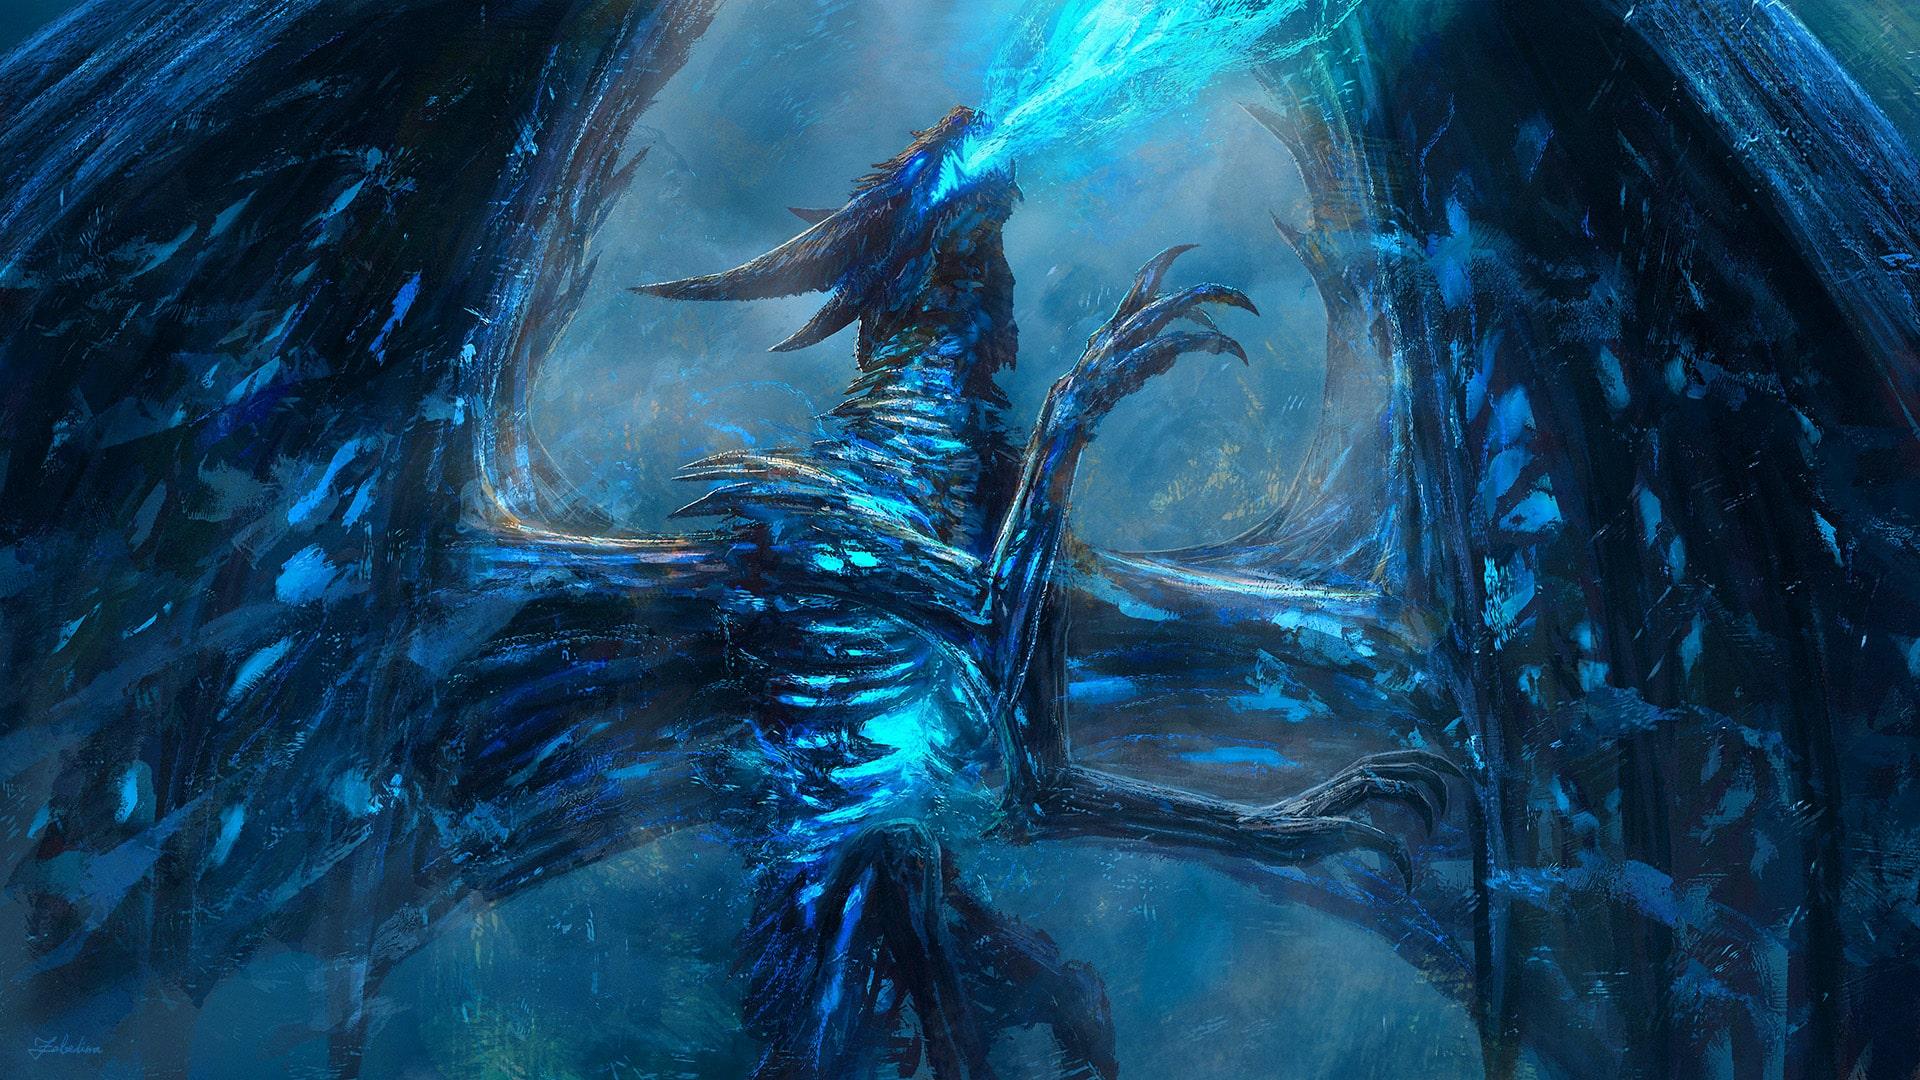 Hình nền PC 4k game đẹp nhất - BLIZZARD-Warcraft